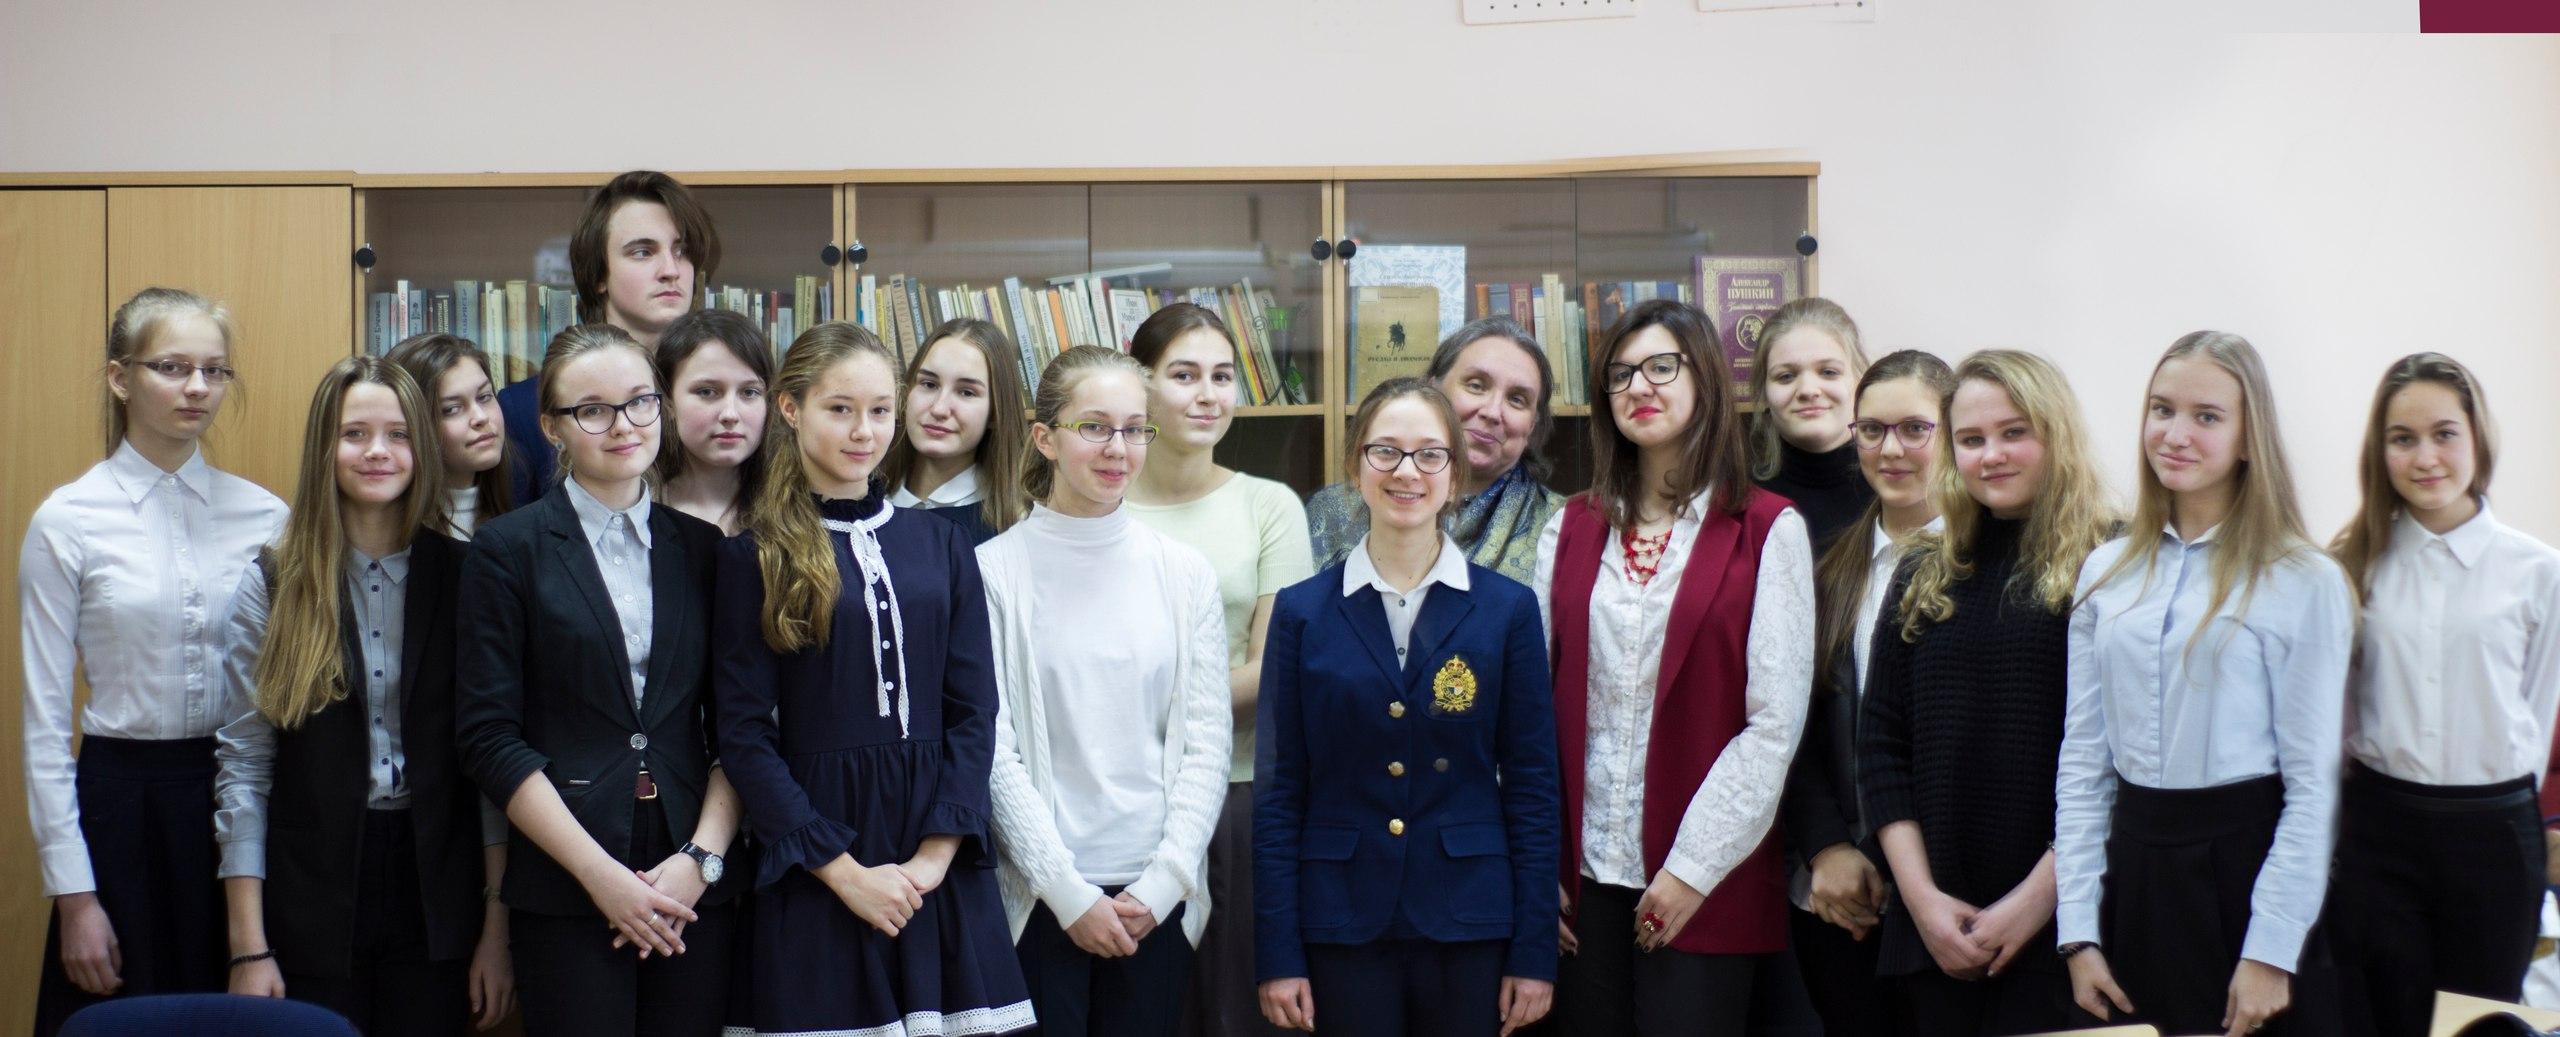 Ученики Натальи Рудольфовны Зерновой